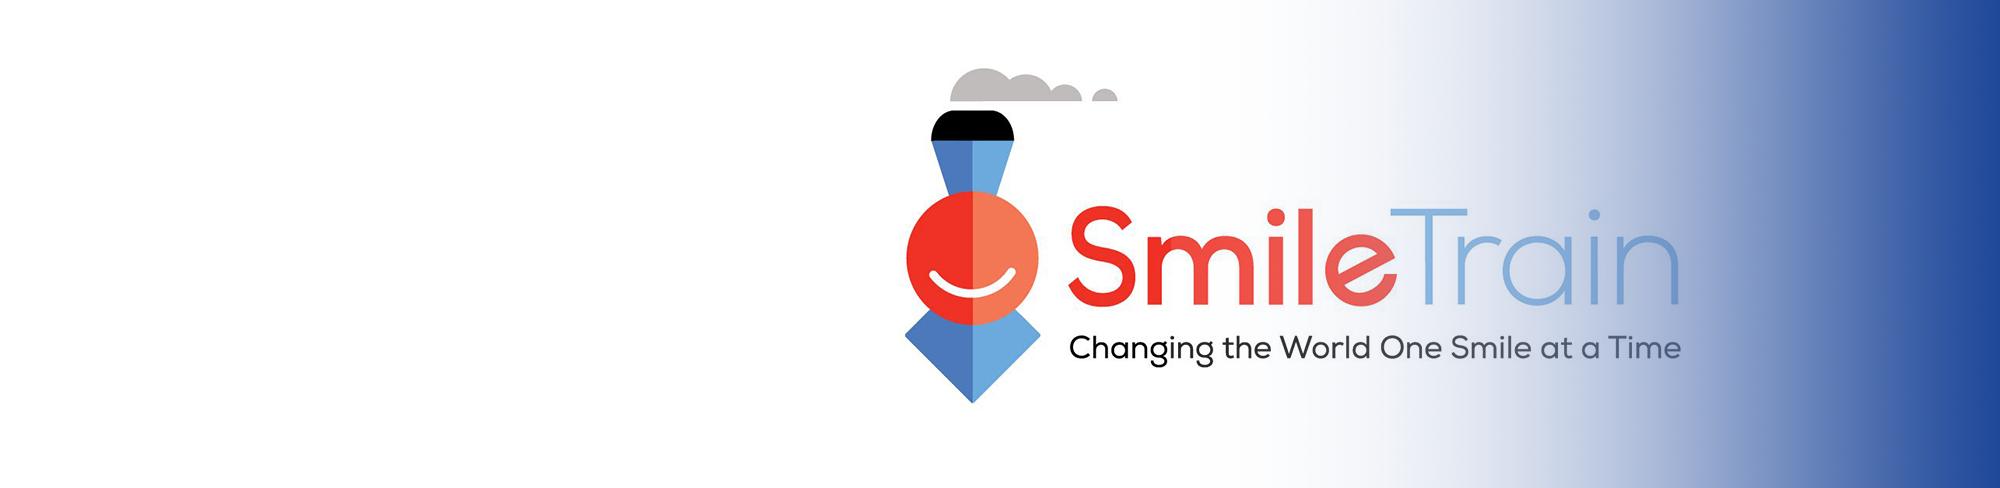 Smile train 2017 header.png